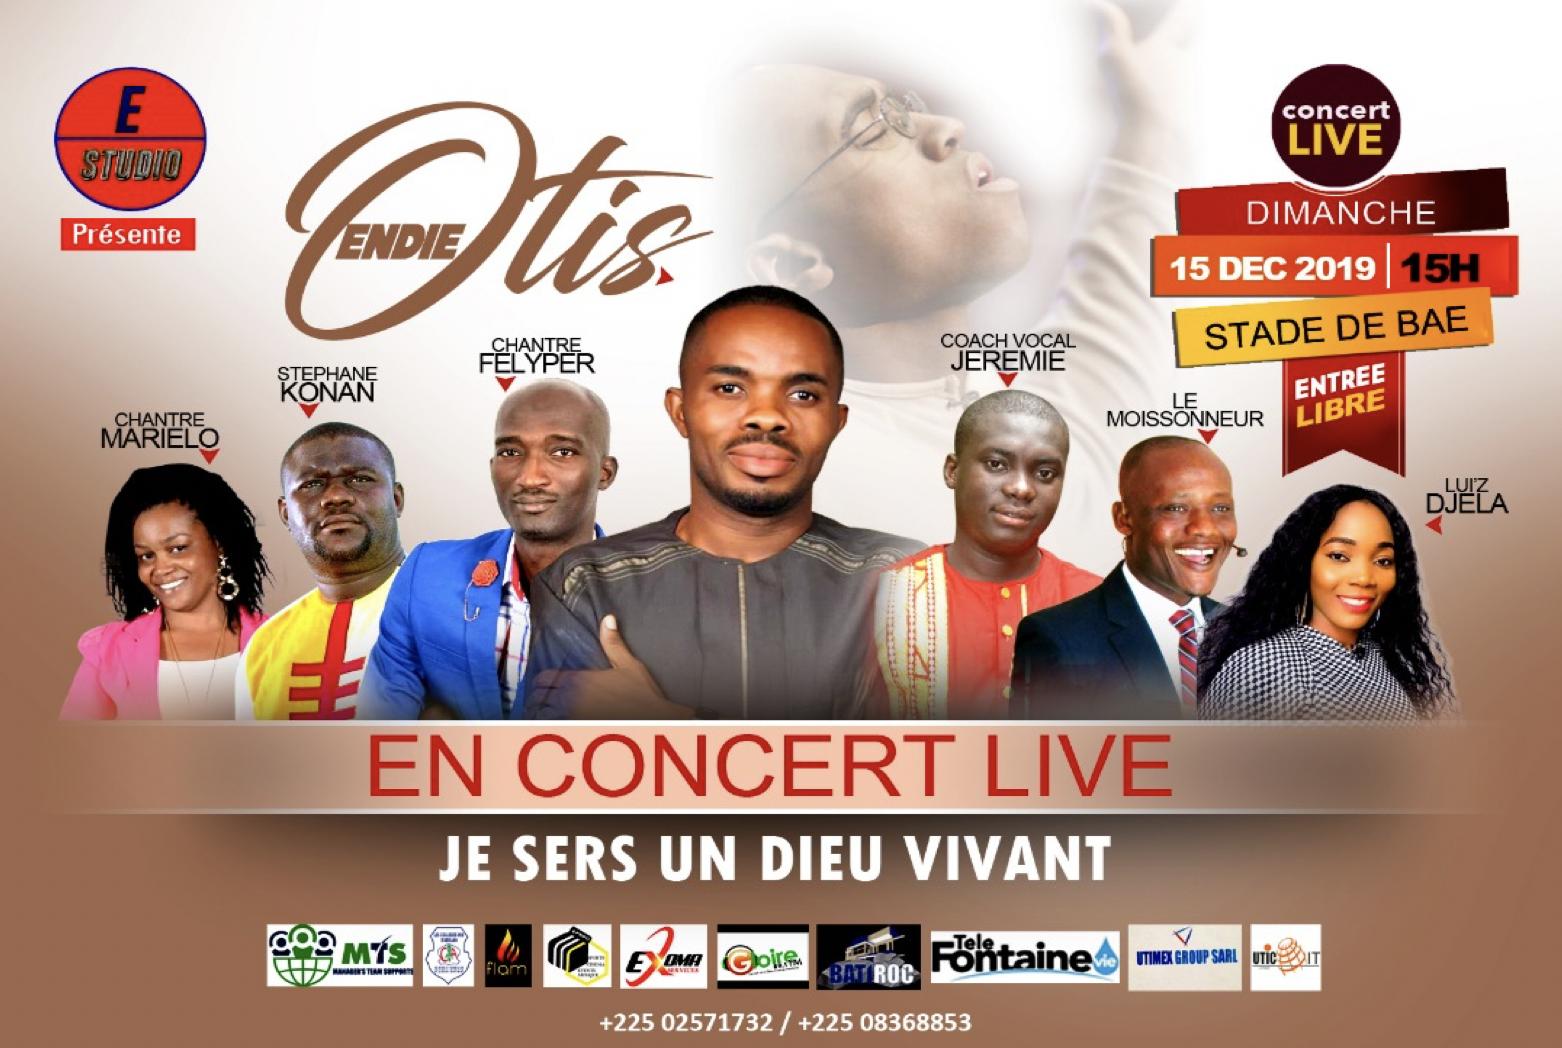 Les chrétiens de Côte d'Ivoire sont massivement invités au prochain concert d'Otis Endie Onyeani qui aura lieu le 15 décembre prochain à Yopougon, la plus grande commune d'Abidjan, la capitale économique ivoirienne.